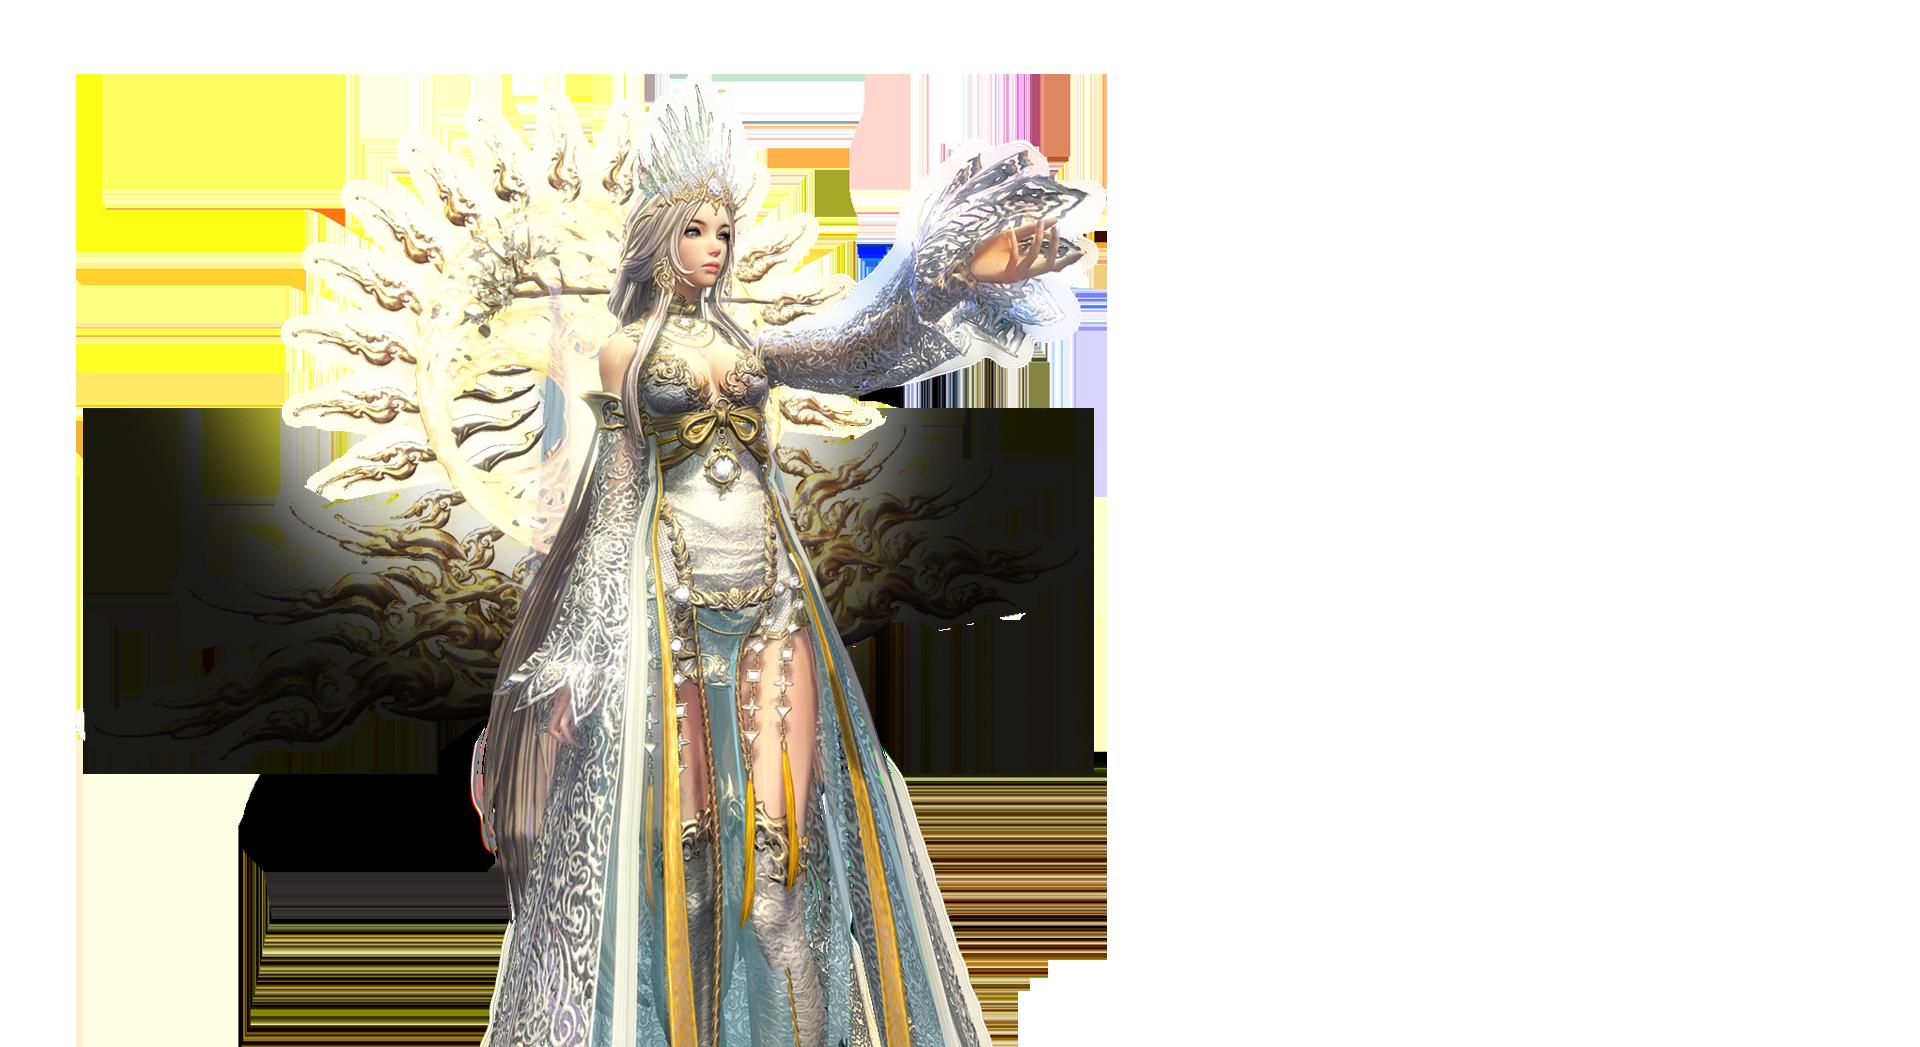 천녀 오비연 캐릭터